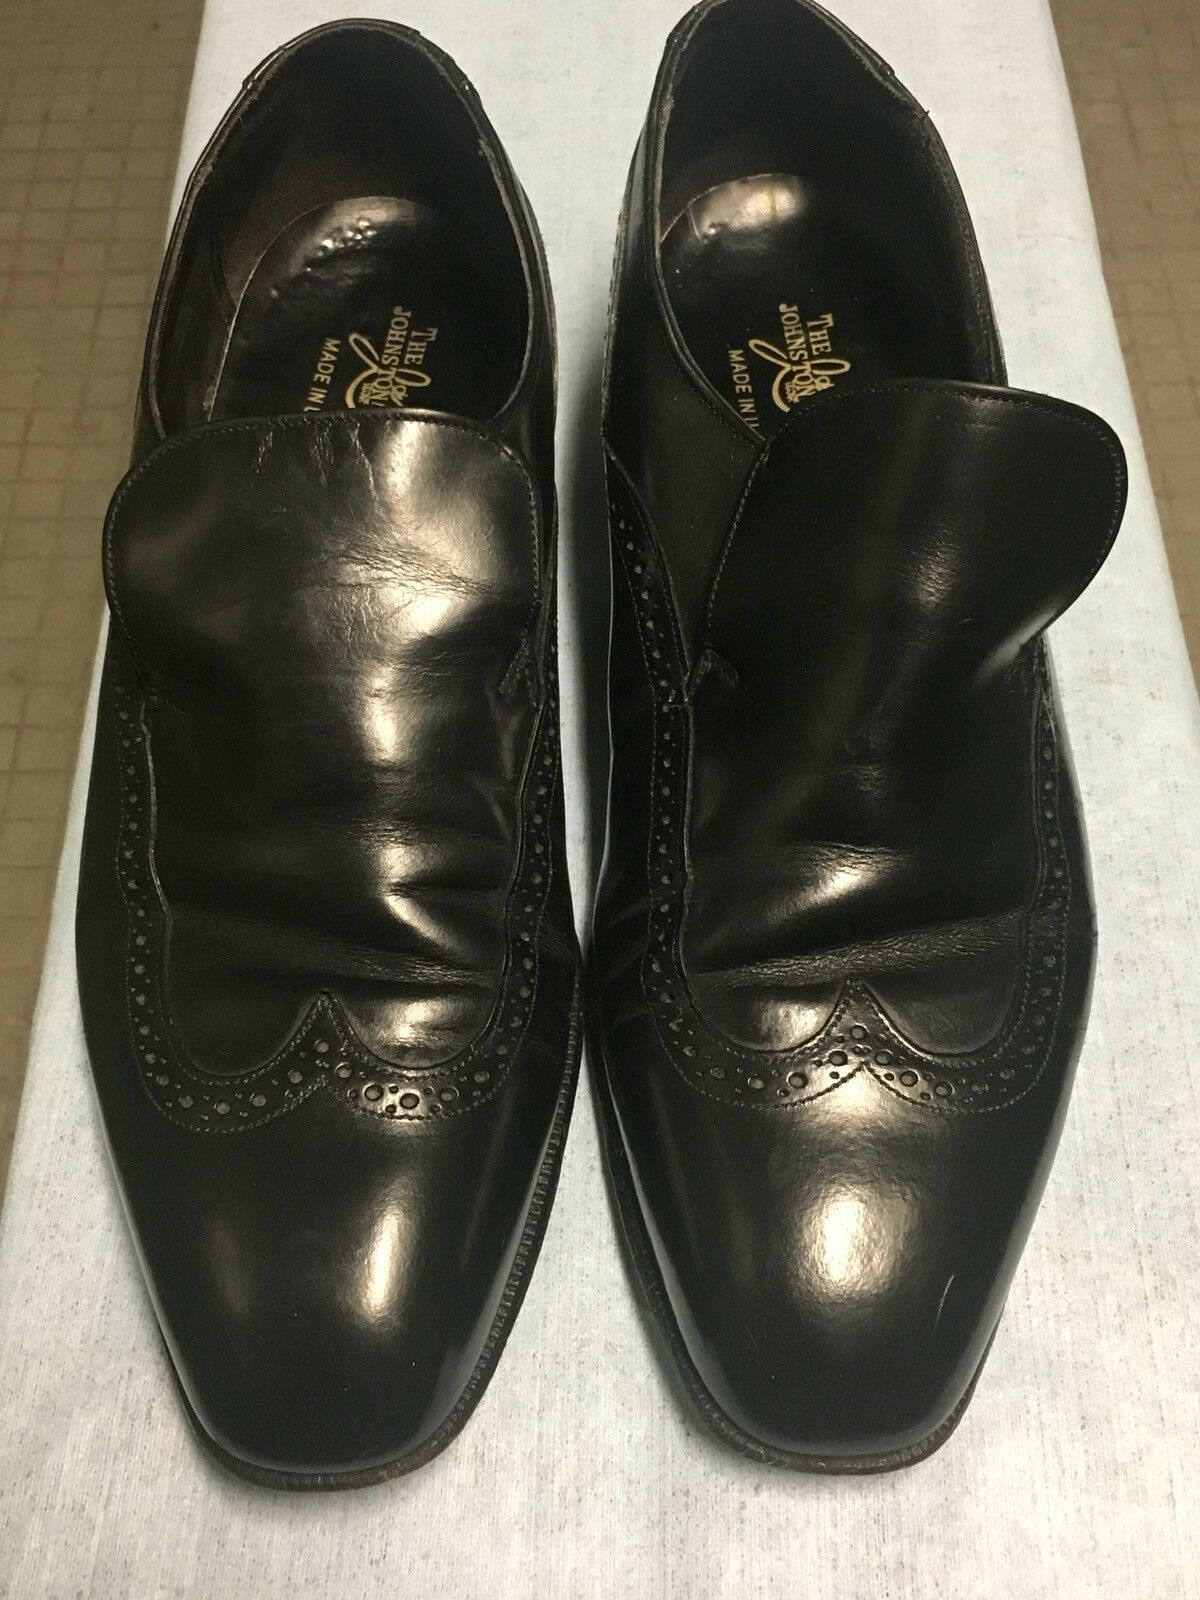 ordina ora con grande sconto e consegna gratuita Johnston Murphy Murphy Murphy  nero  Slip On Wing Tip Loafers  8 D B MADE IN THE USA  Garanzia di vestibilità al 100%